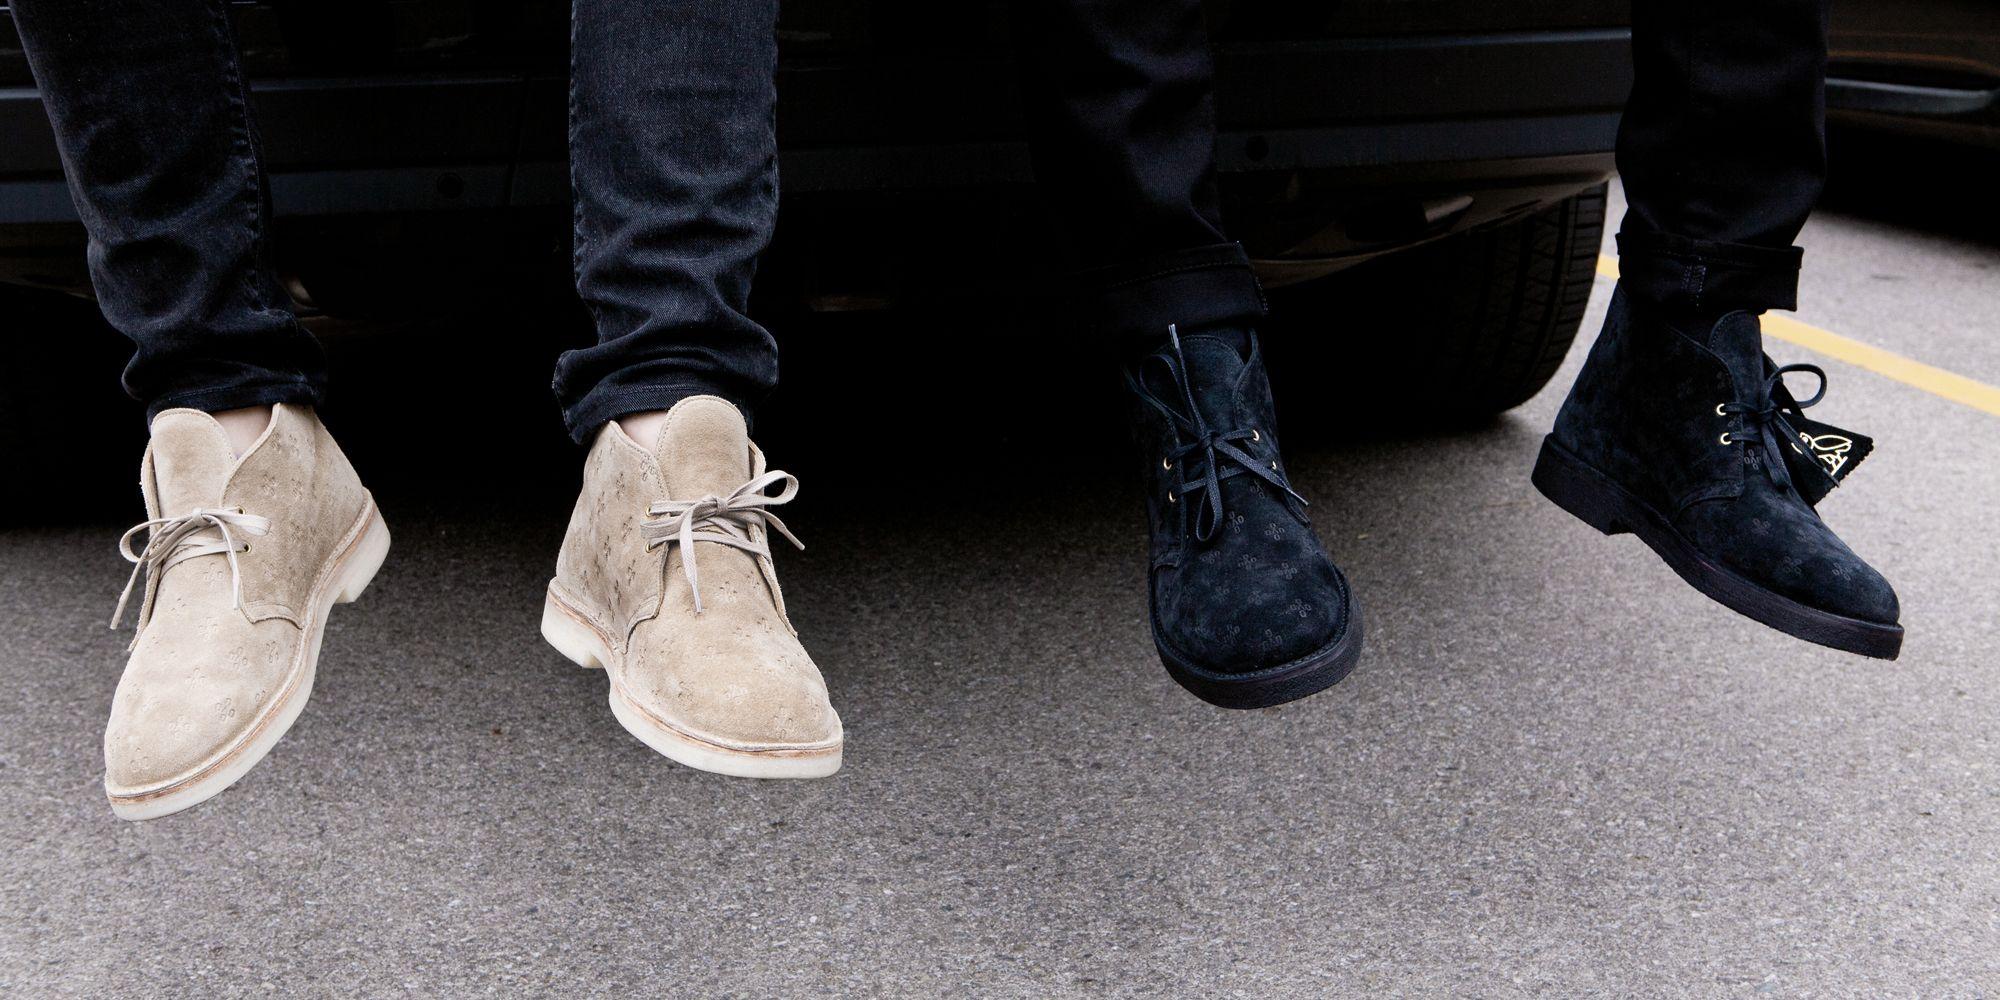 dolor de estómago Ensangrentado apuntalar  Drake's OVO x Clarks Desert Boots Have Finally Arrived